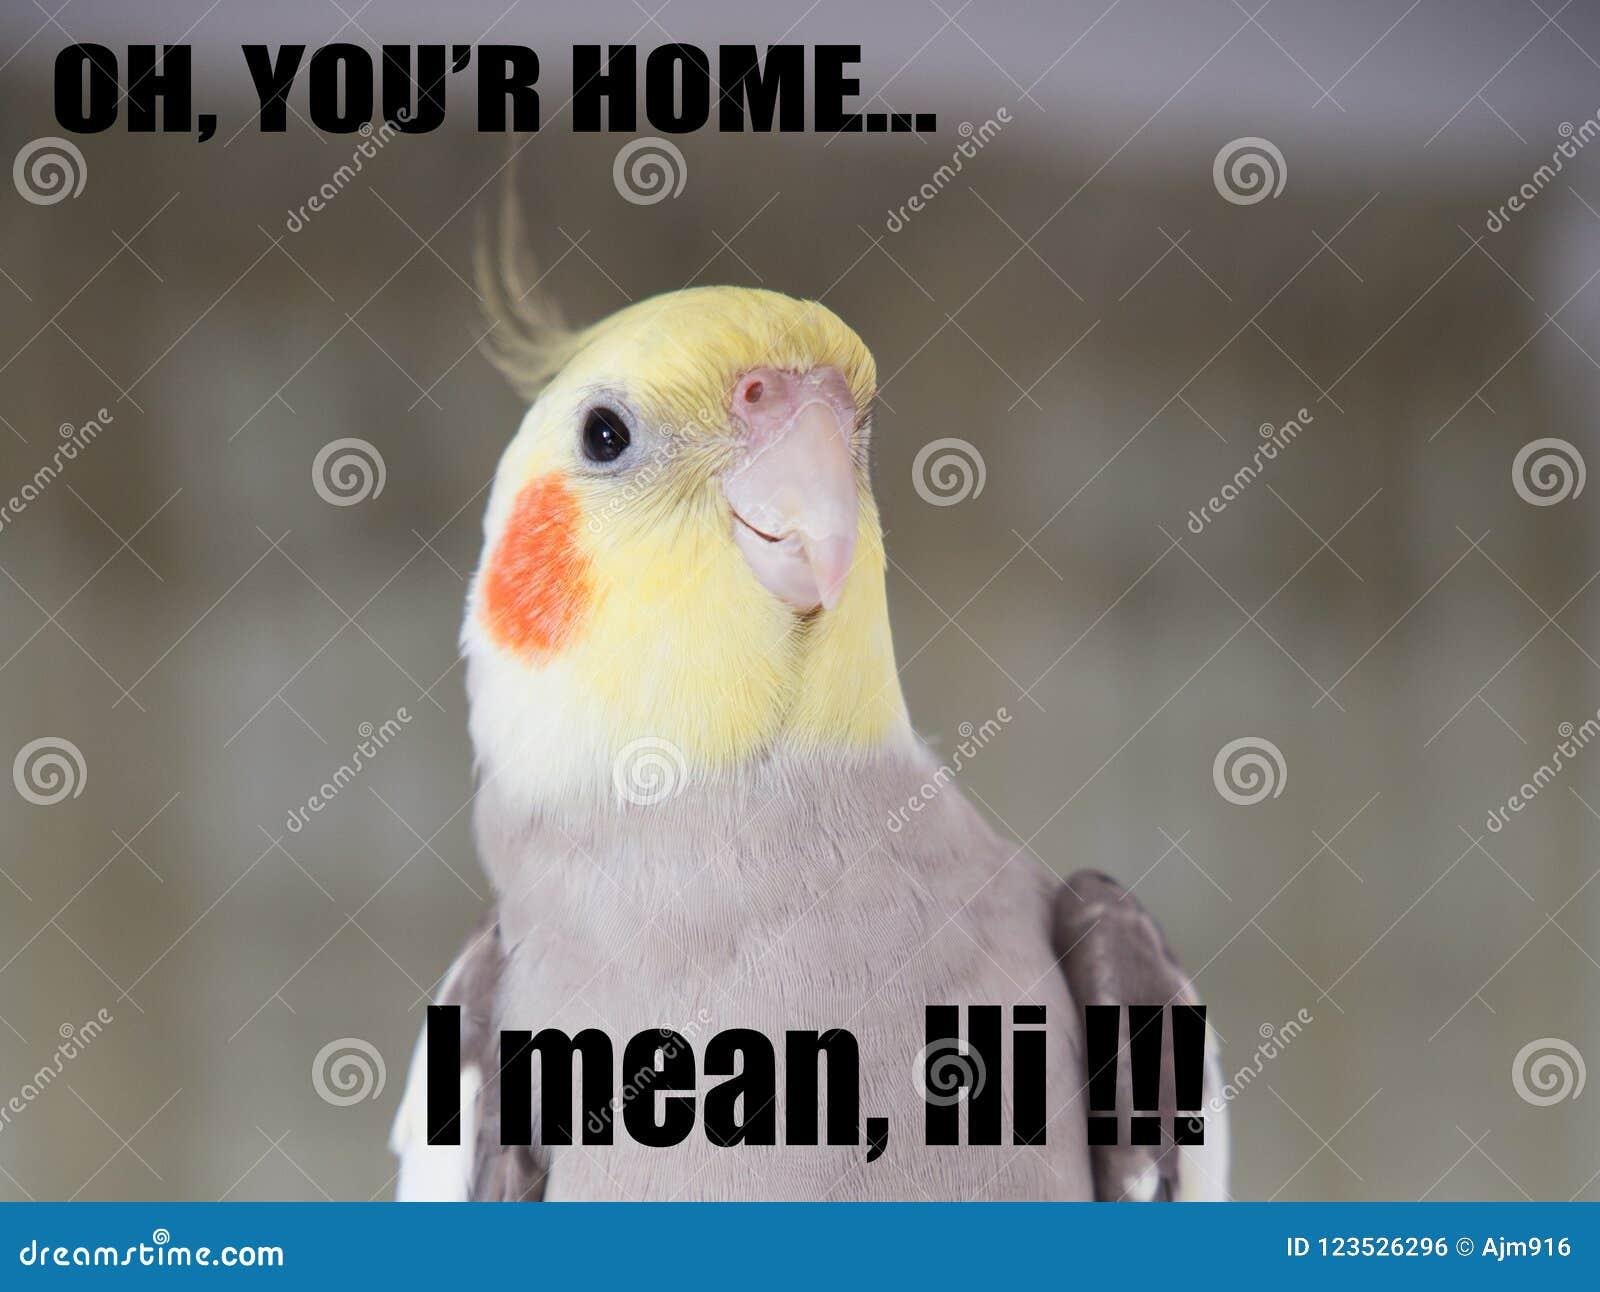 Parrot Funny Quote Cockatiel Portrait Cute Memes Your Home